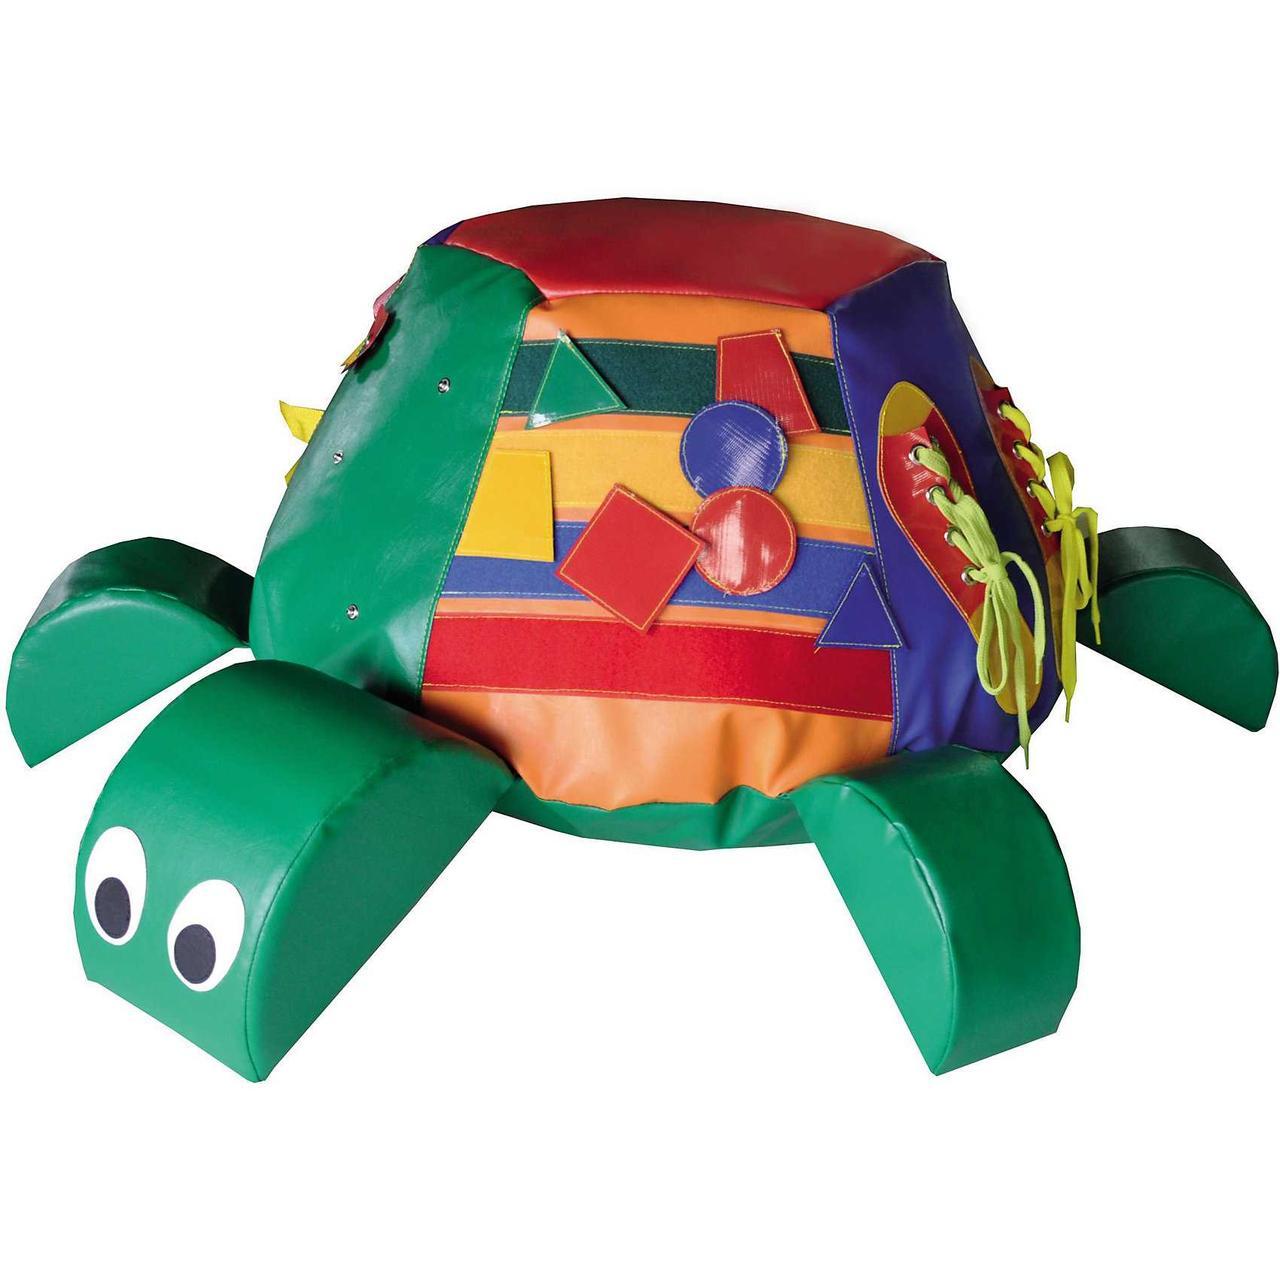 «Черепашка (поролон, гранулы)» игрушка напольная с дидактическими элементами